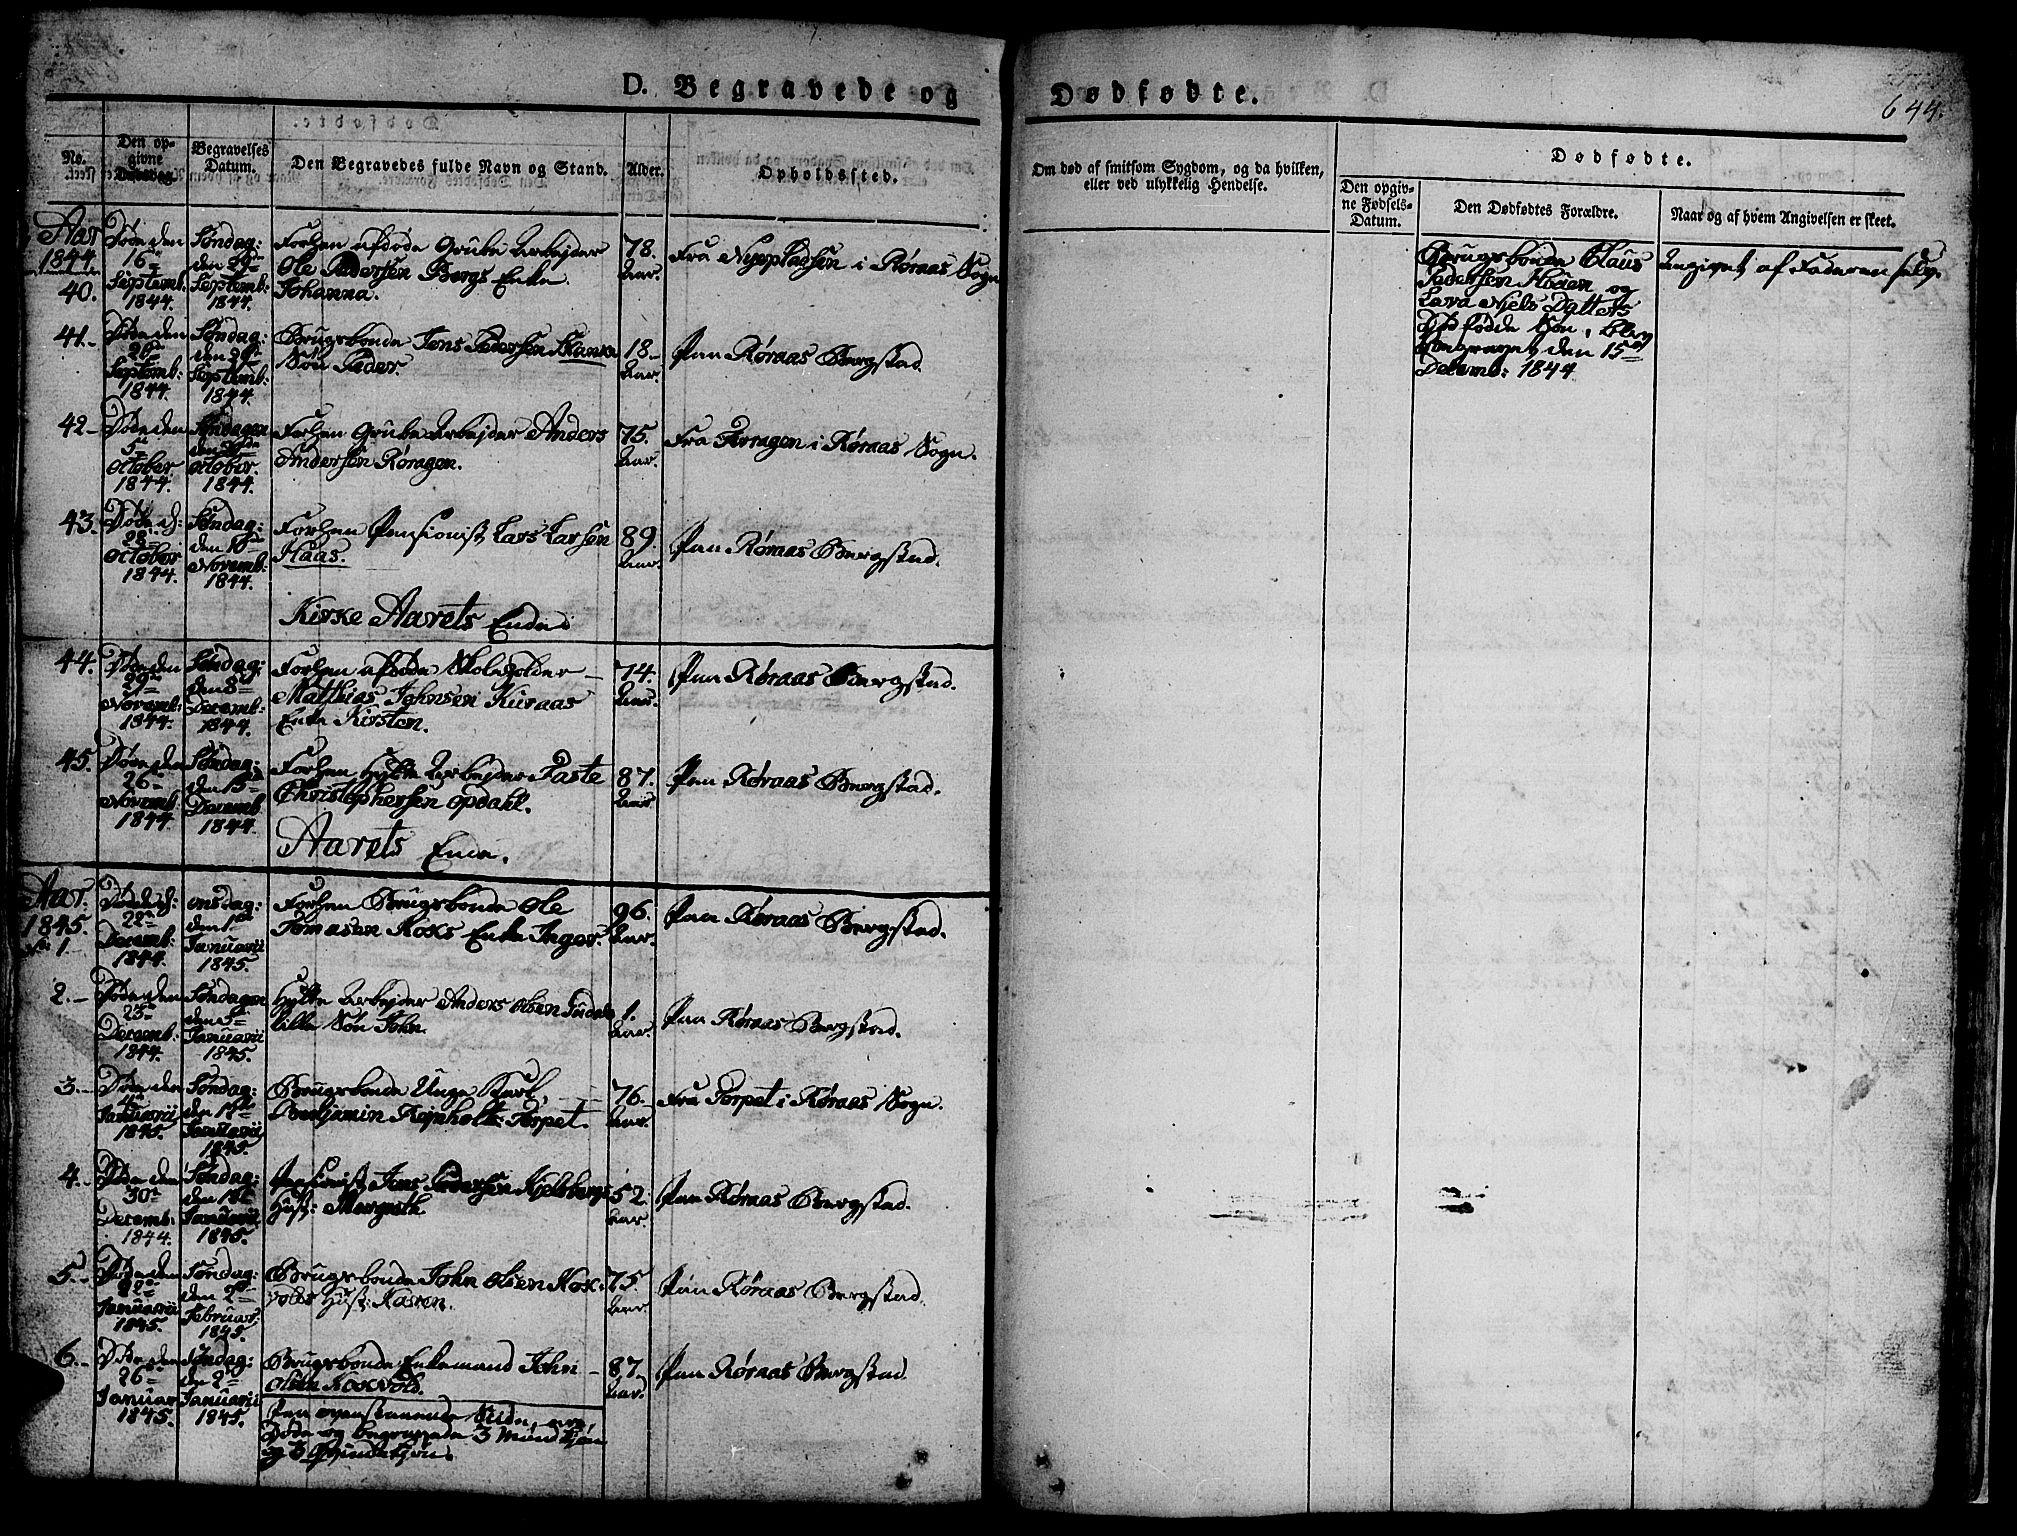 SAT, Ministerialprotokoller, klokkerbøker og fødselsregistre - Sør-Trøndelag, 681/L0939: Klokkerbok nr. 681C03, 1829-1855, s. 644